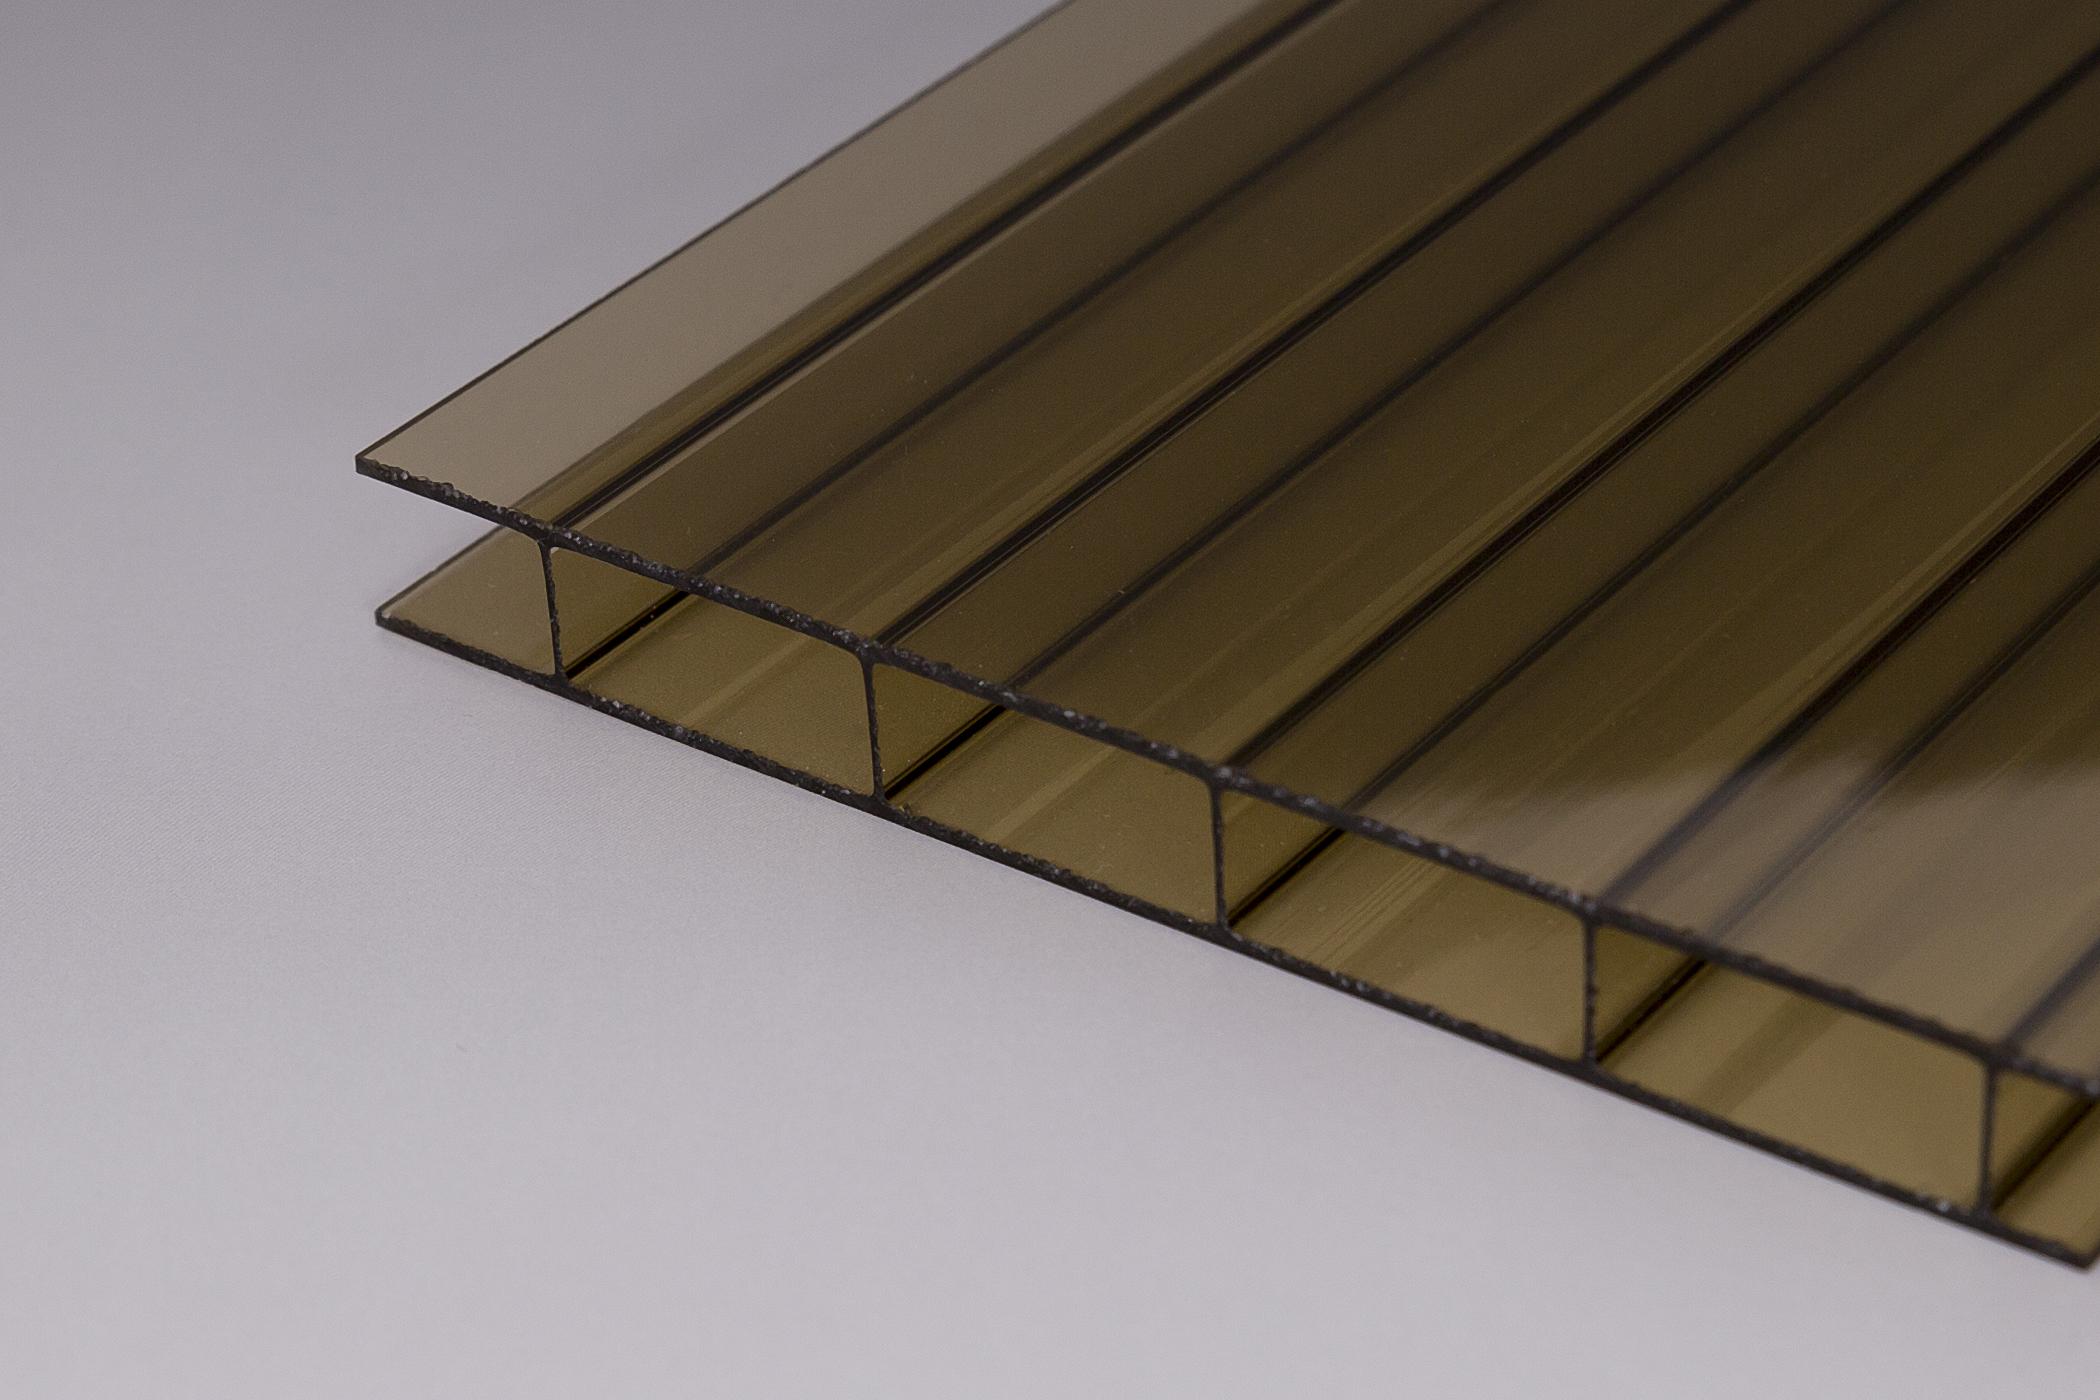 16mm doppelstegplatten acrylglas 16 32 bronze z une sichtschutzelemente im onlineshop. Black Bedroom Furniture Sets. Home Design Ideas